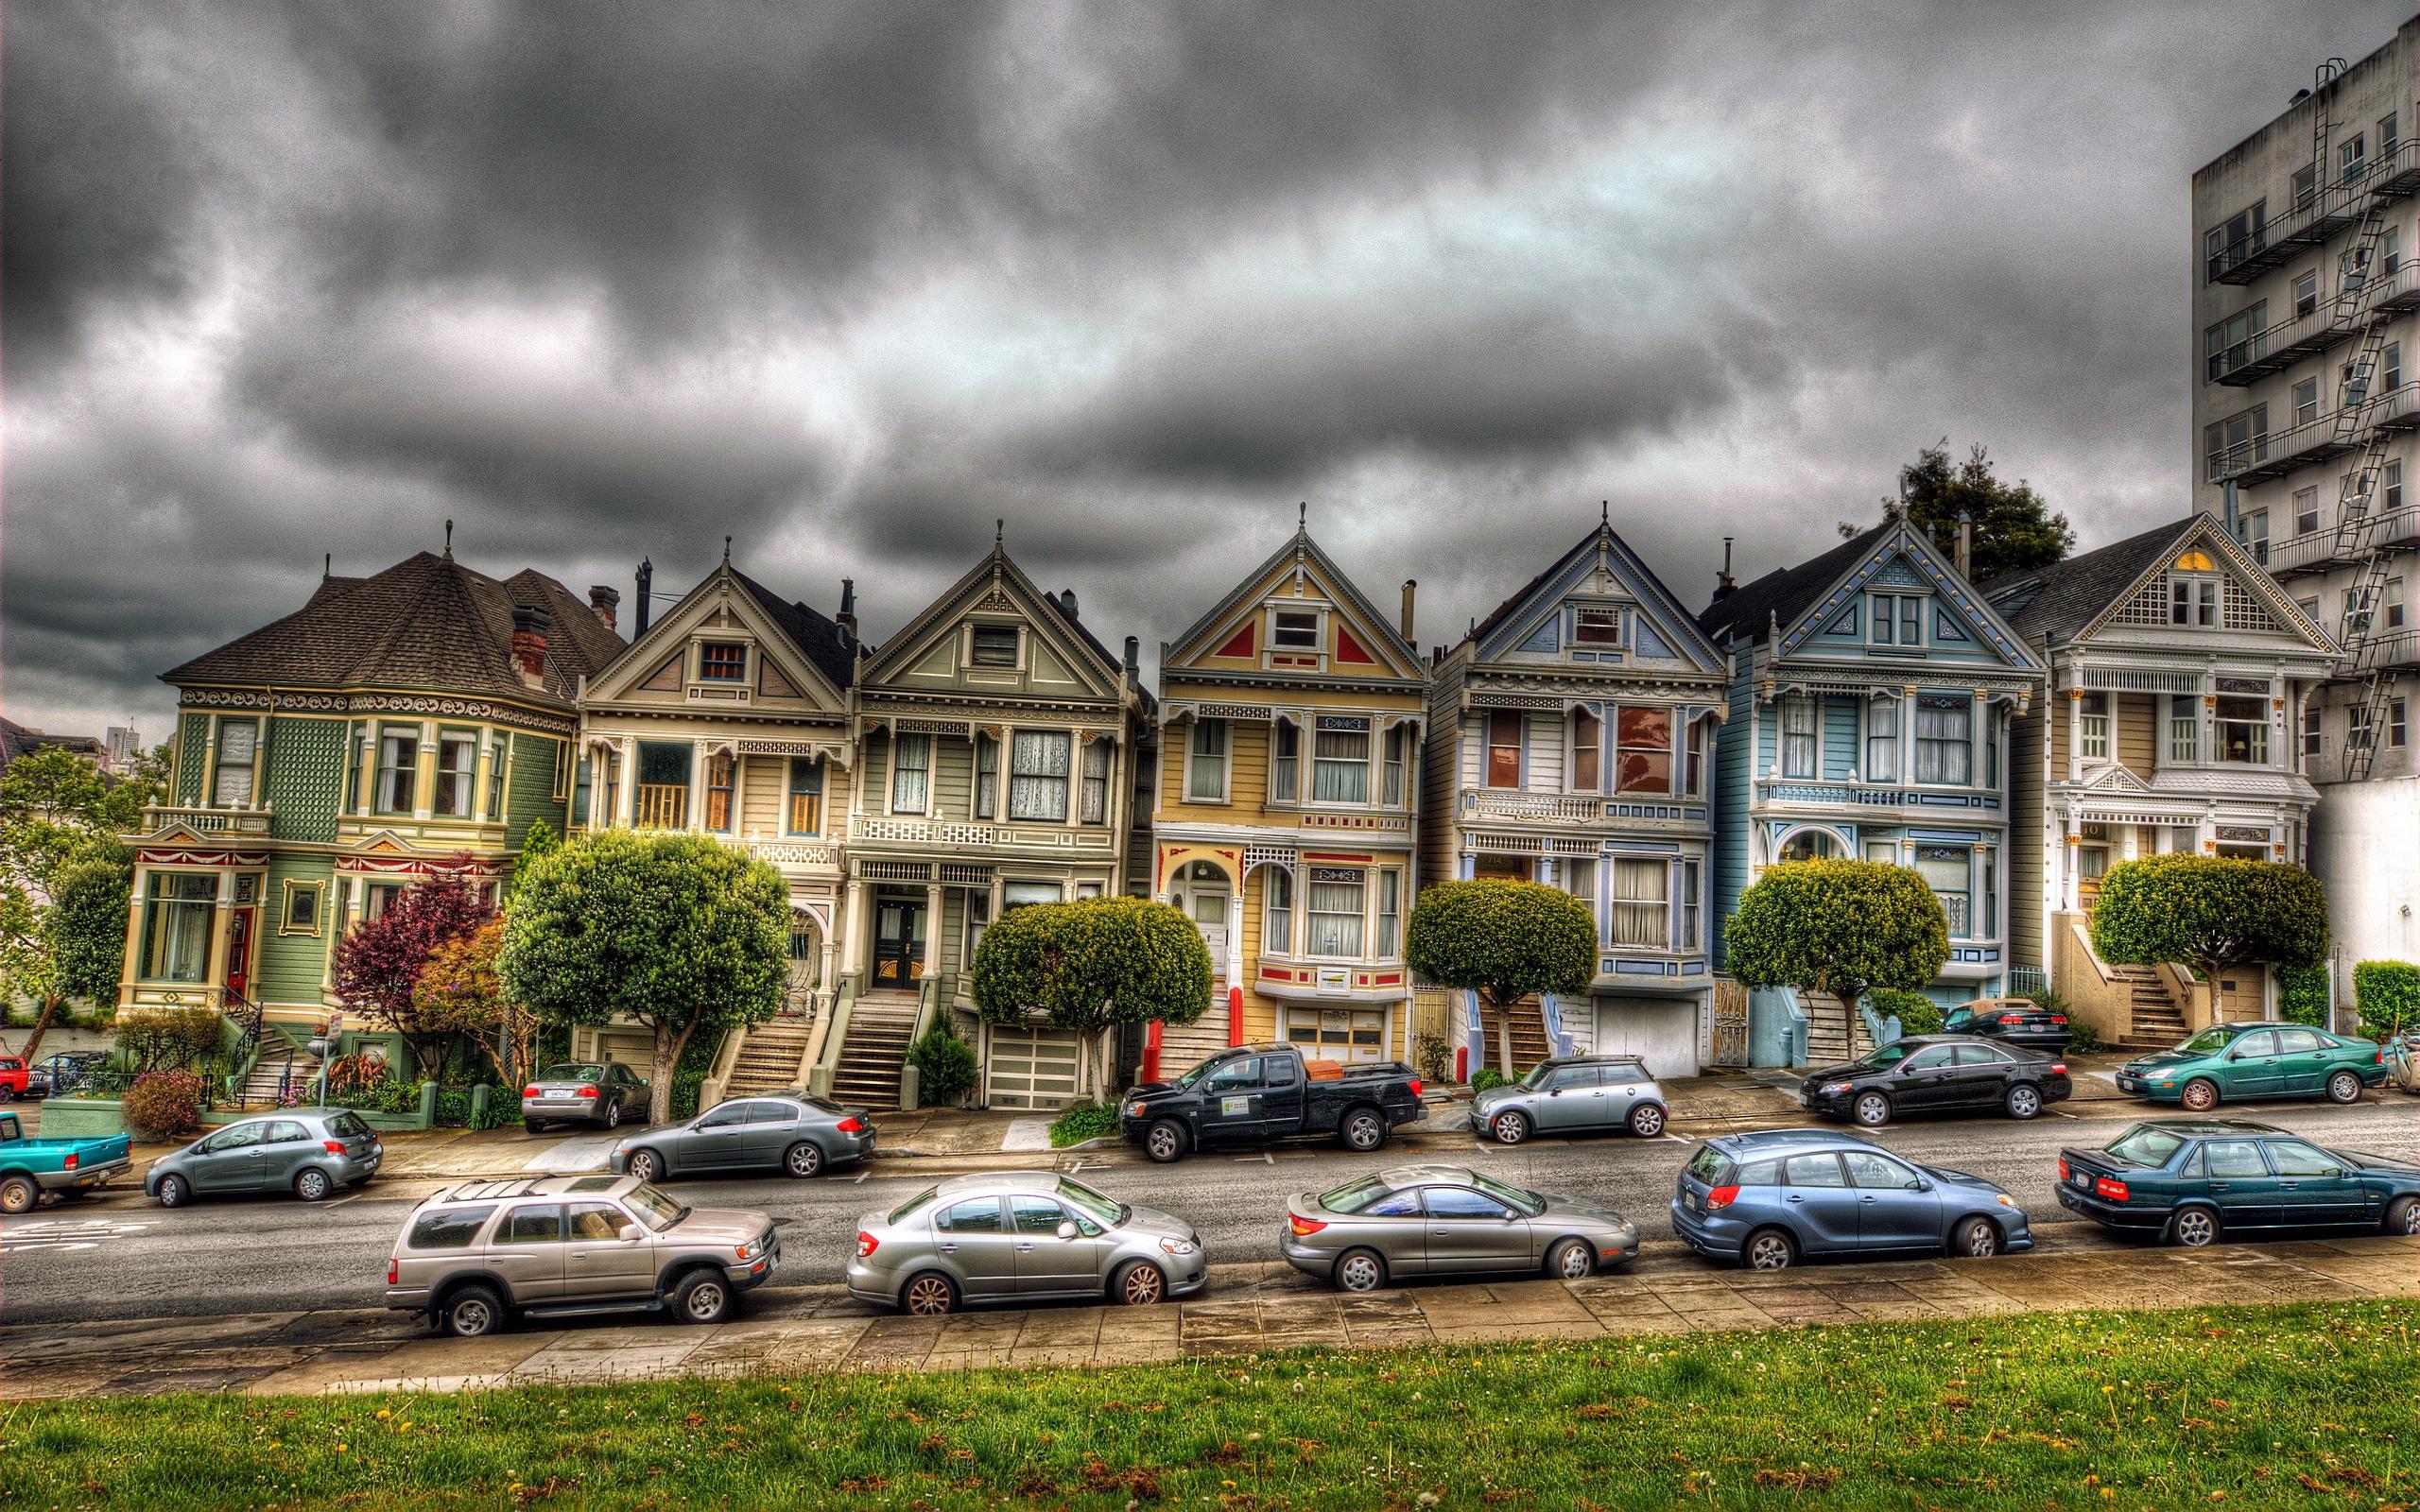 배경 화면 샌프란시스코, 빅토리아, 집, 자동차, 흐린 하늘 2560x1600 HD 그림, 이미지